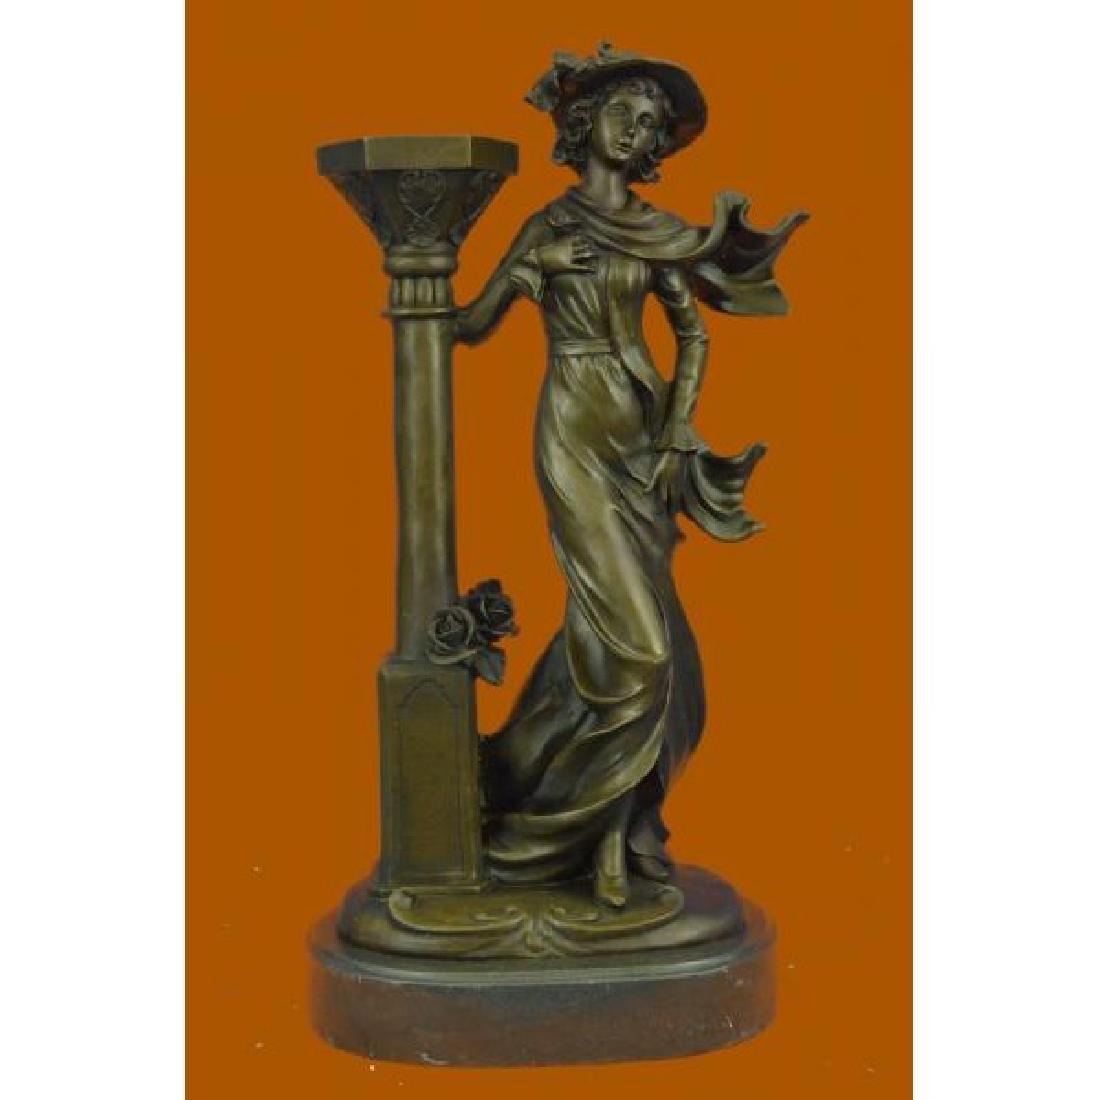 Victorian Hot Cast Bronze Art Nouveau Style Candlestick